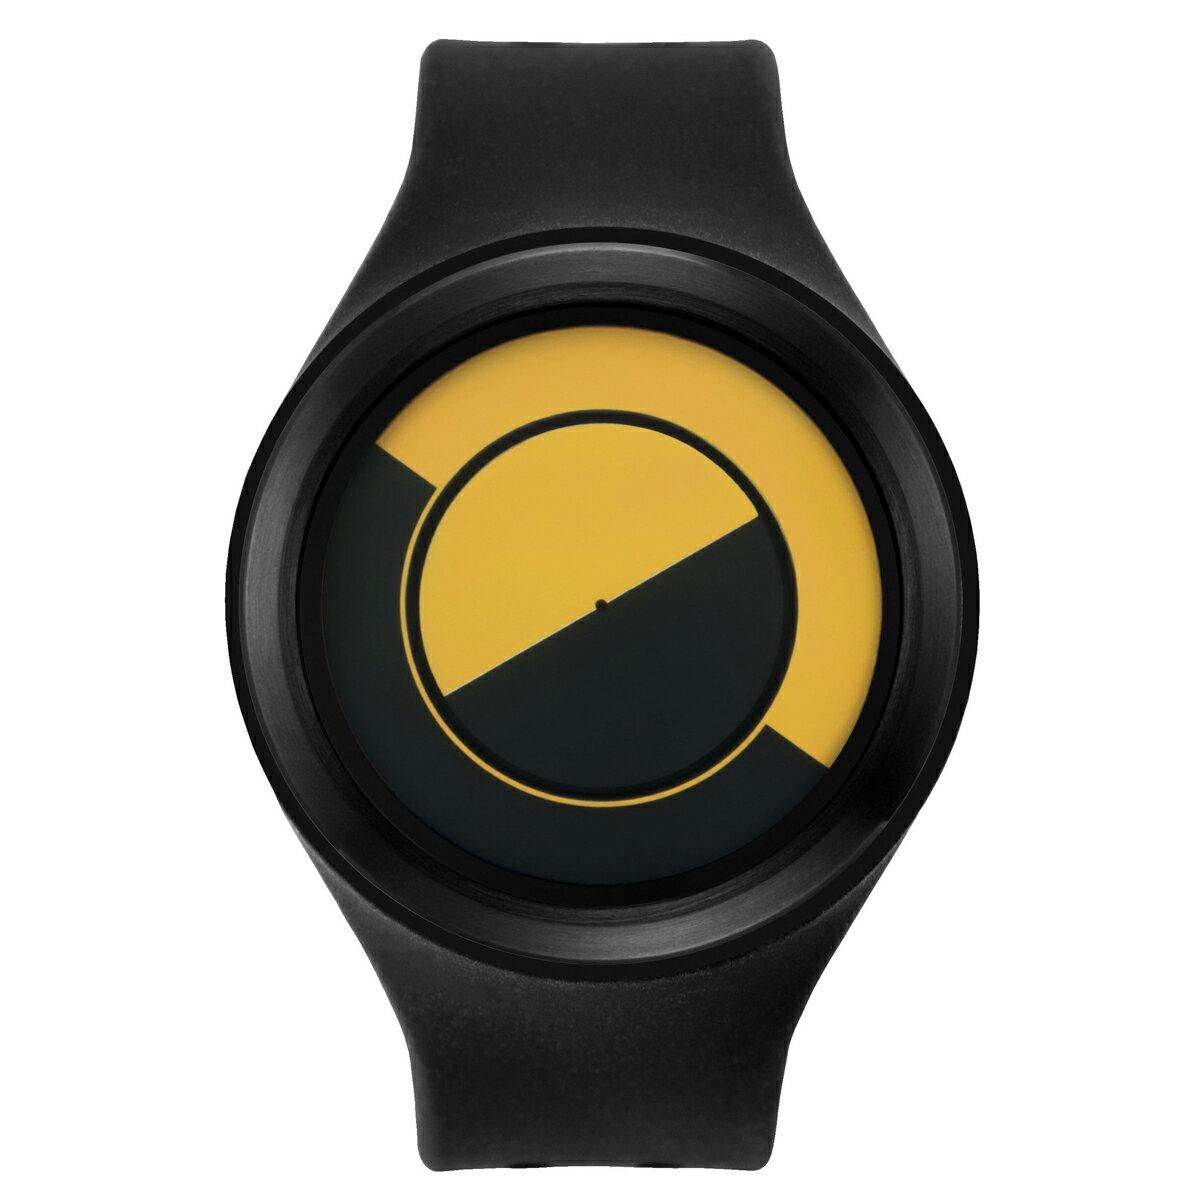 ZEROO QUARTER MOON ゼロ 電池式クォーツ 腕時計 [W01004B03SR02] ブラック デザインウォッチ ペア用 メンズ レディース ユニセックス おしゃれ時計 デザイナーズ